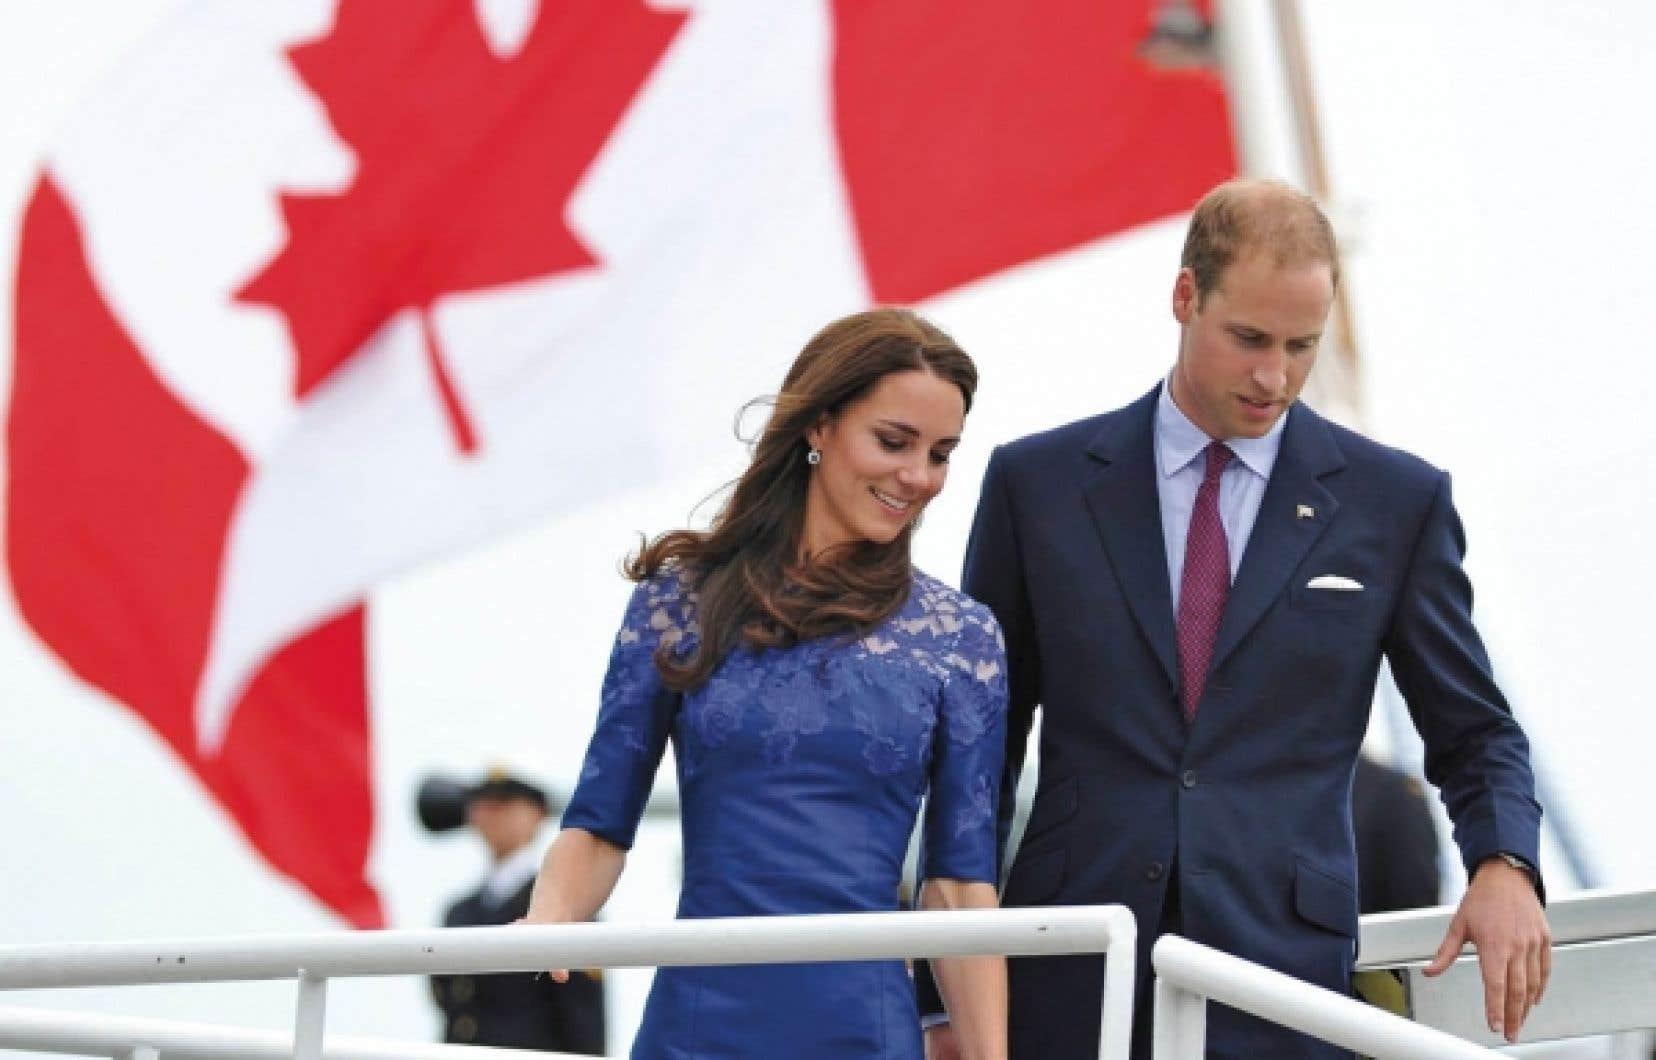 Partis de la métropolie samedi soir à bord du HMCS Montréal, Kate et William sont arrivés à Québec hier. Les nouveaux mariés ont même osé deux bains de foule impromptus dans la Vieille Capitale.<br />